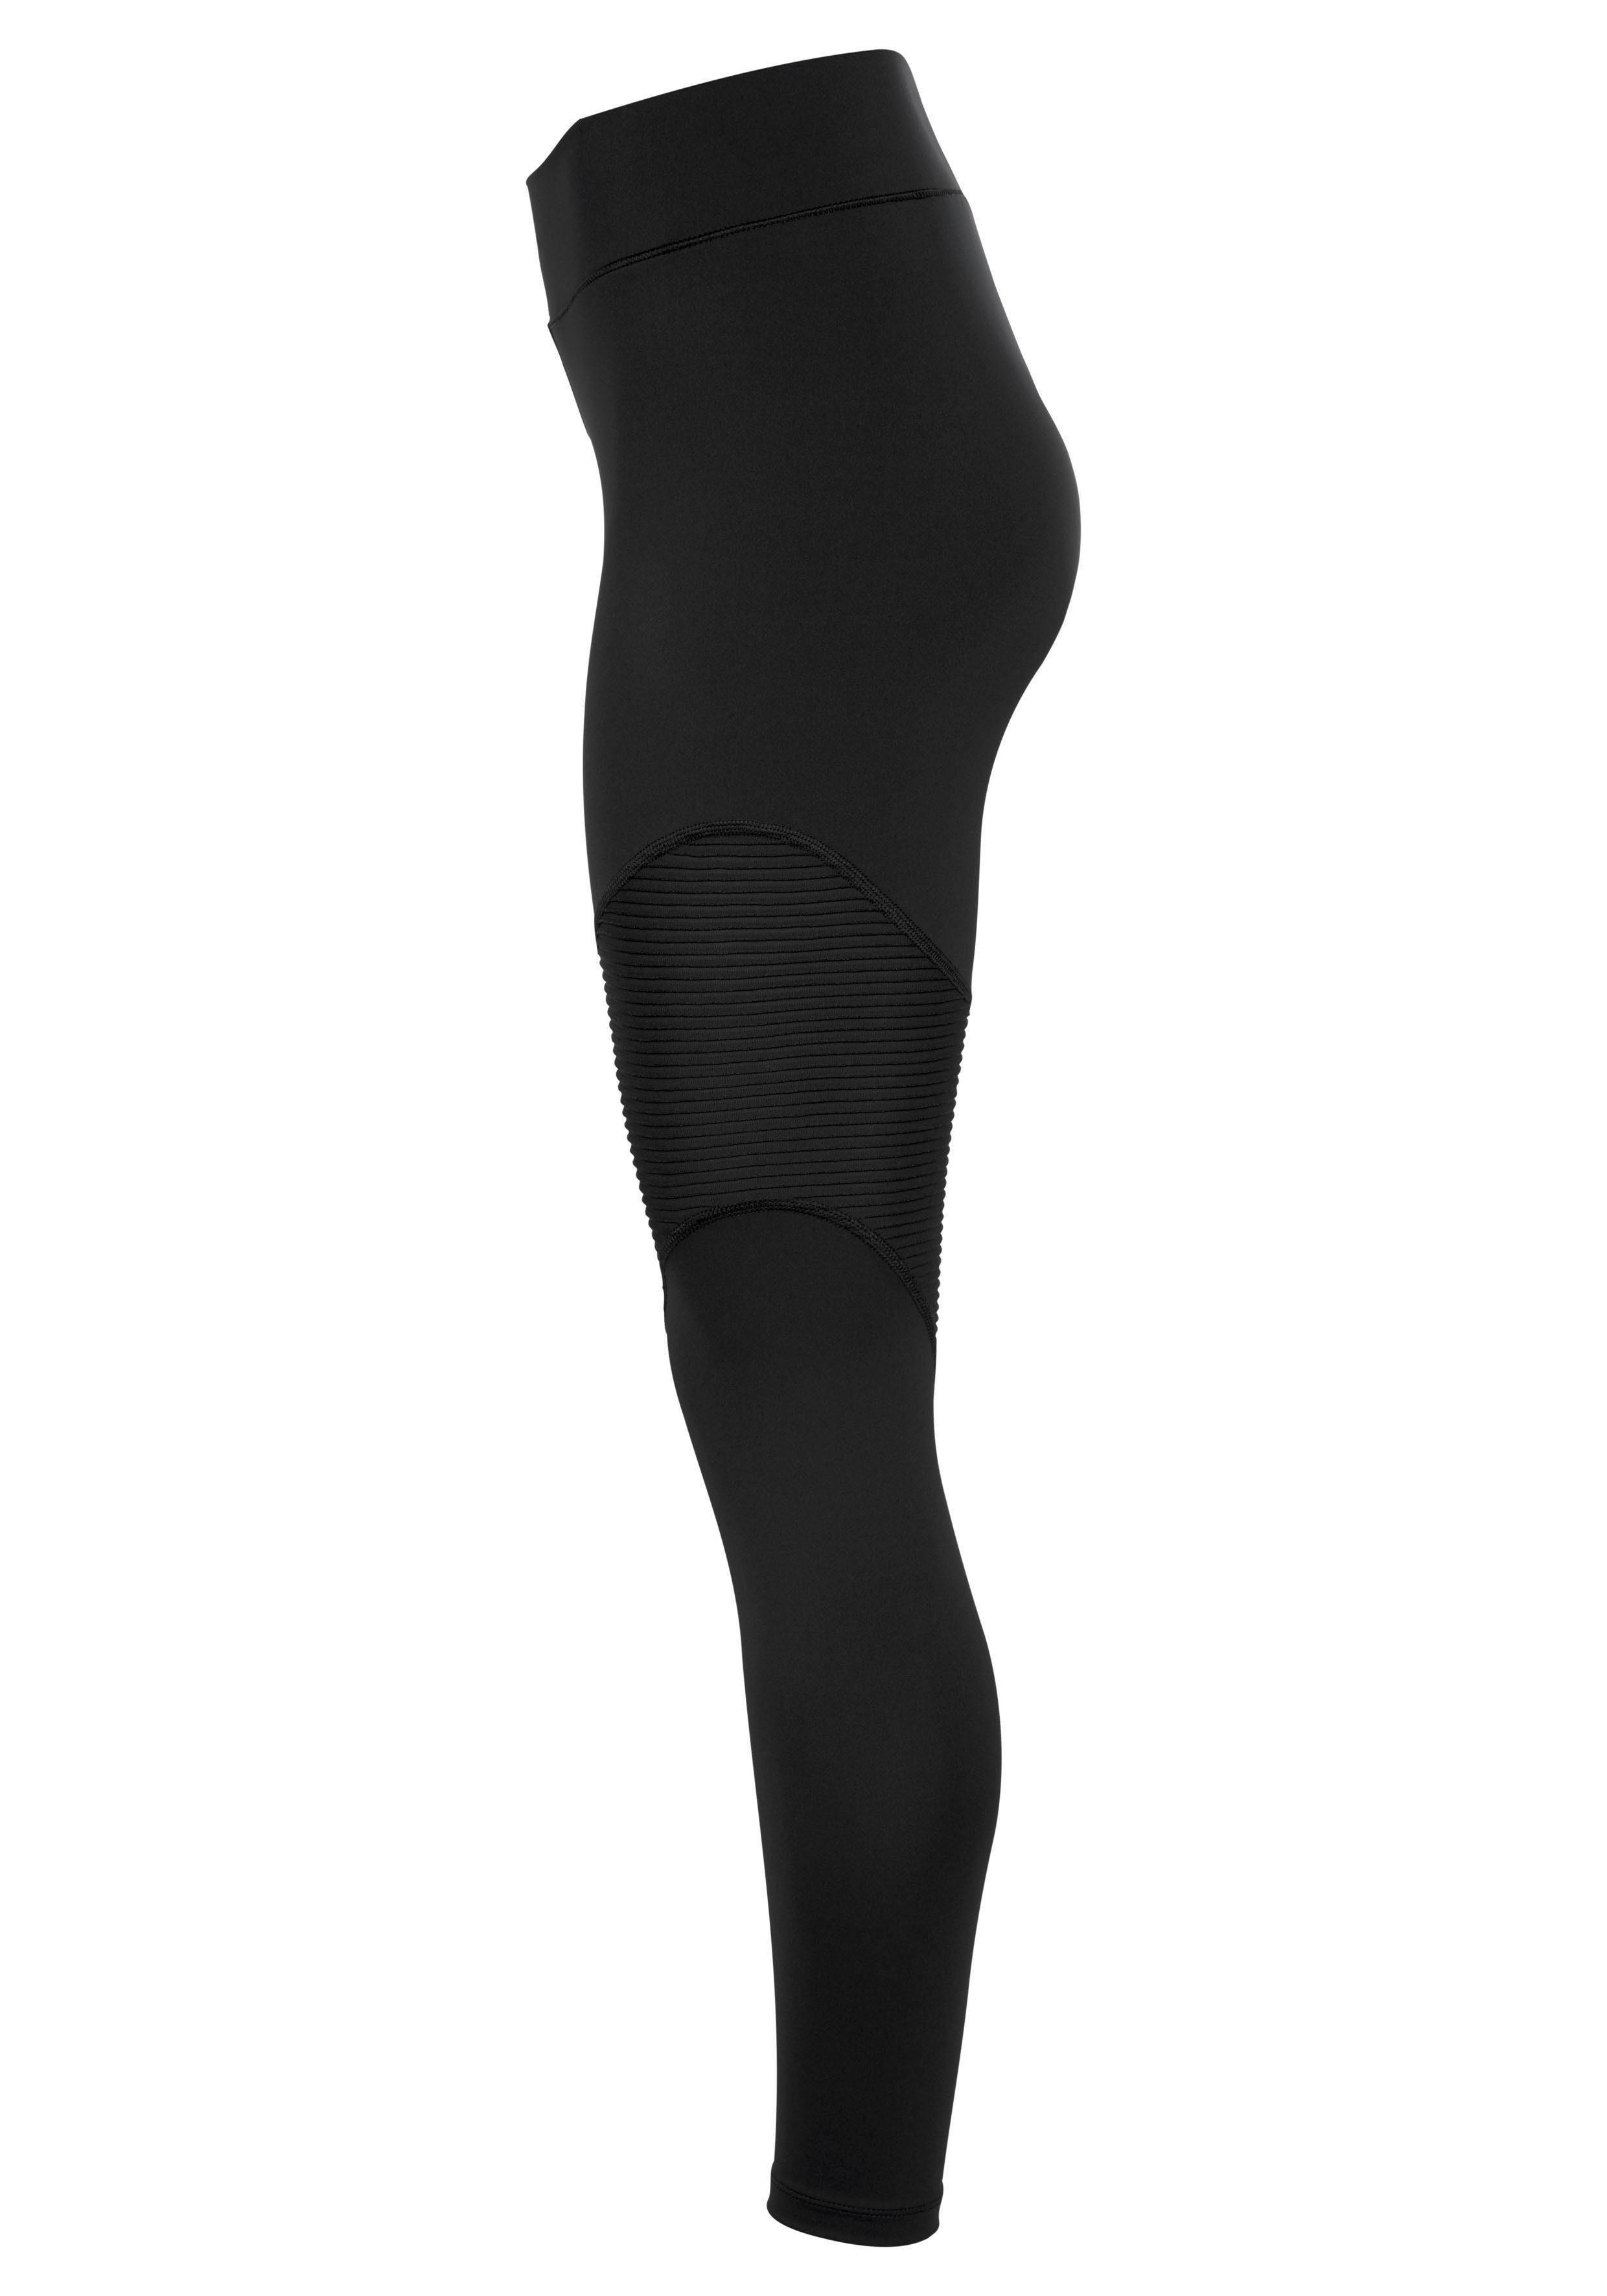 Nike Funktionstights Nike Pro AeroAdapt Women's Tights AEROADAPT Einsätze